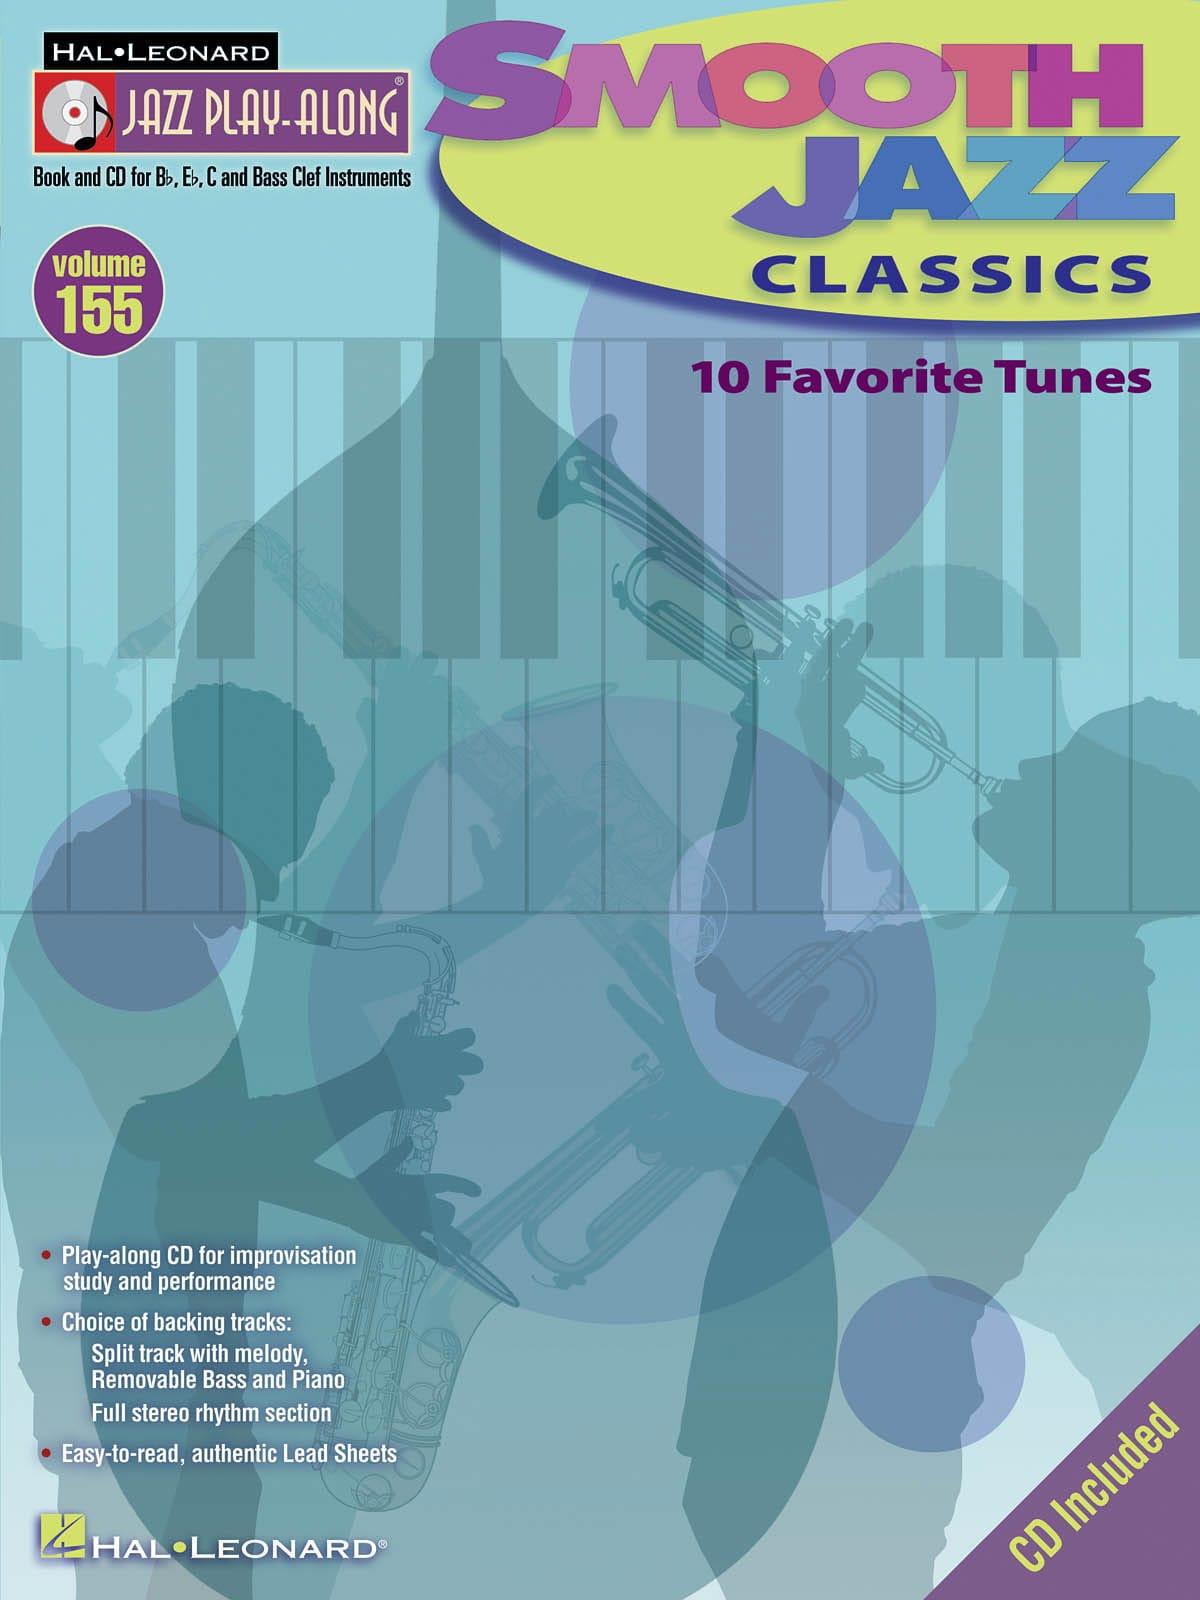 Jazz play-along volume 155 - Smooth Jazz Classics - laflutedepan.com